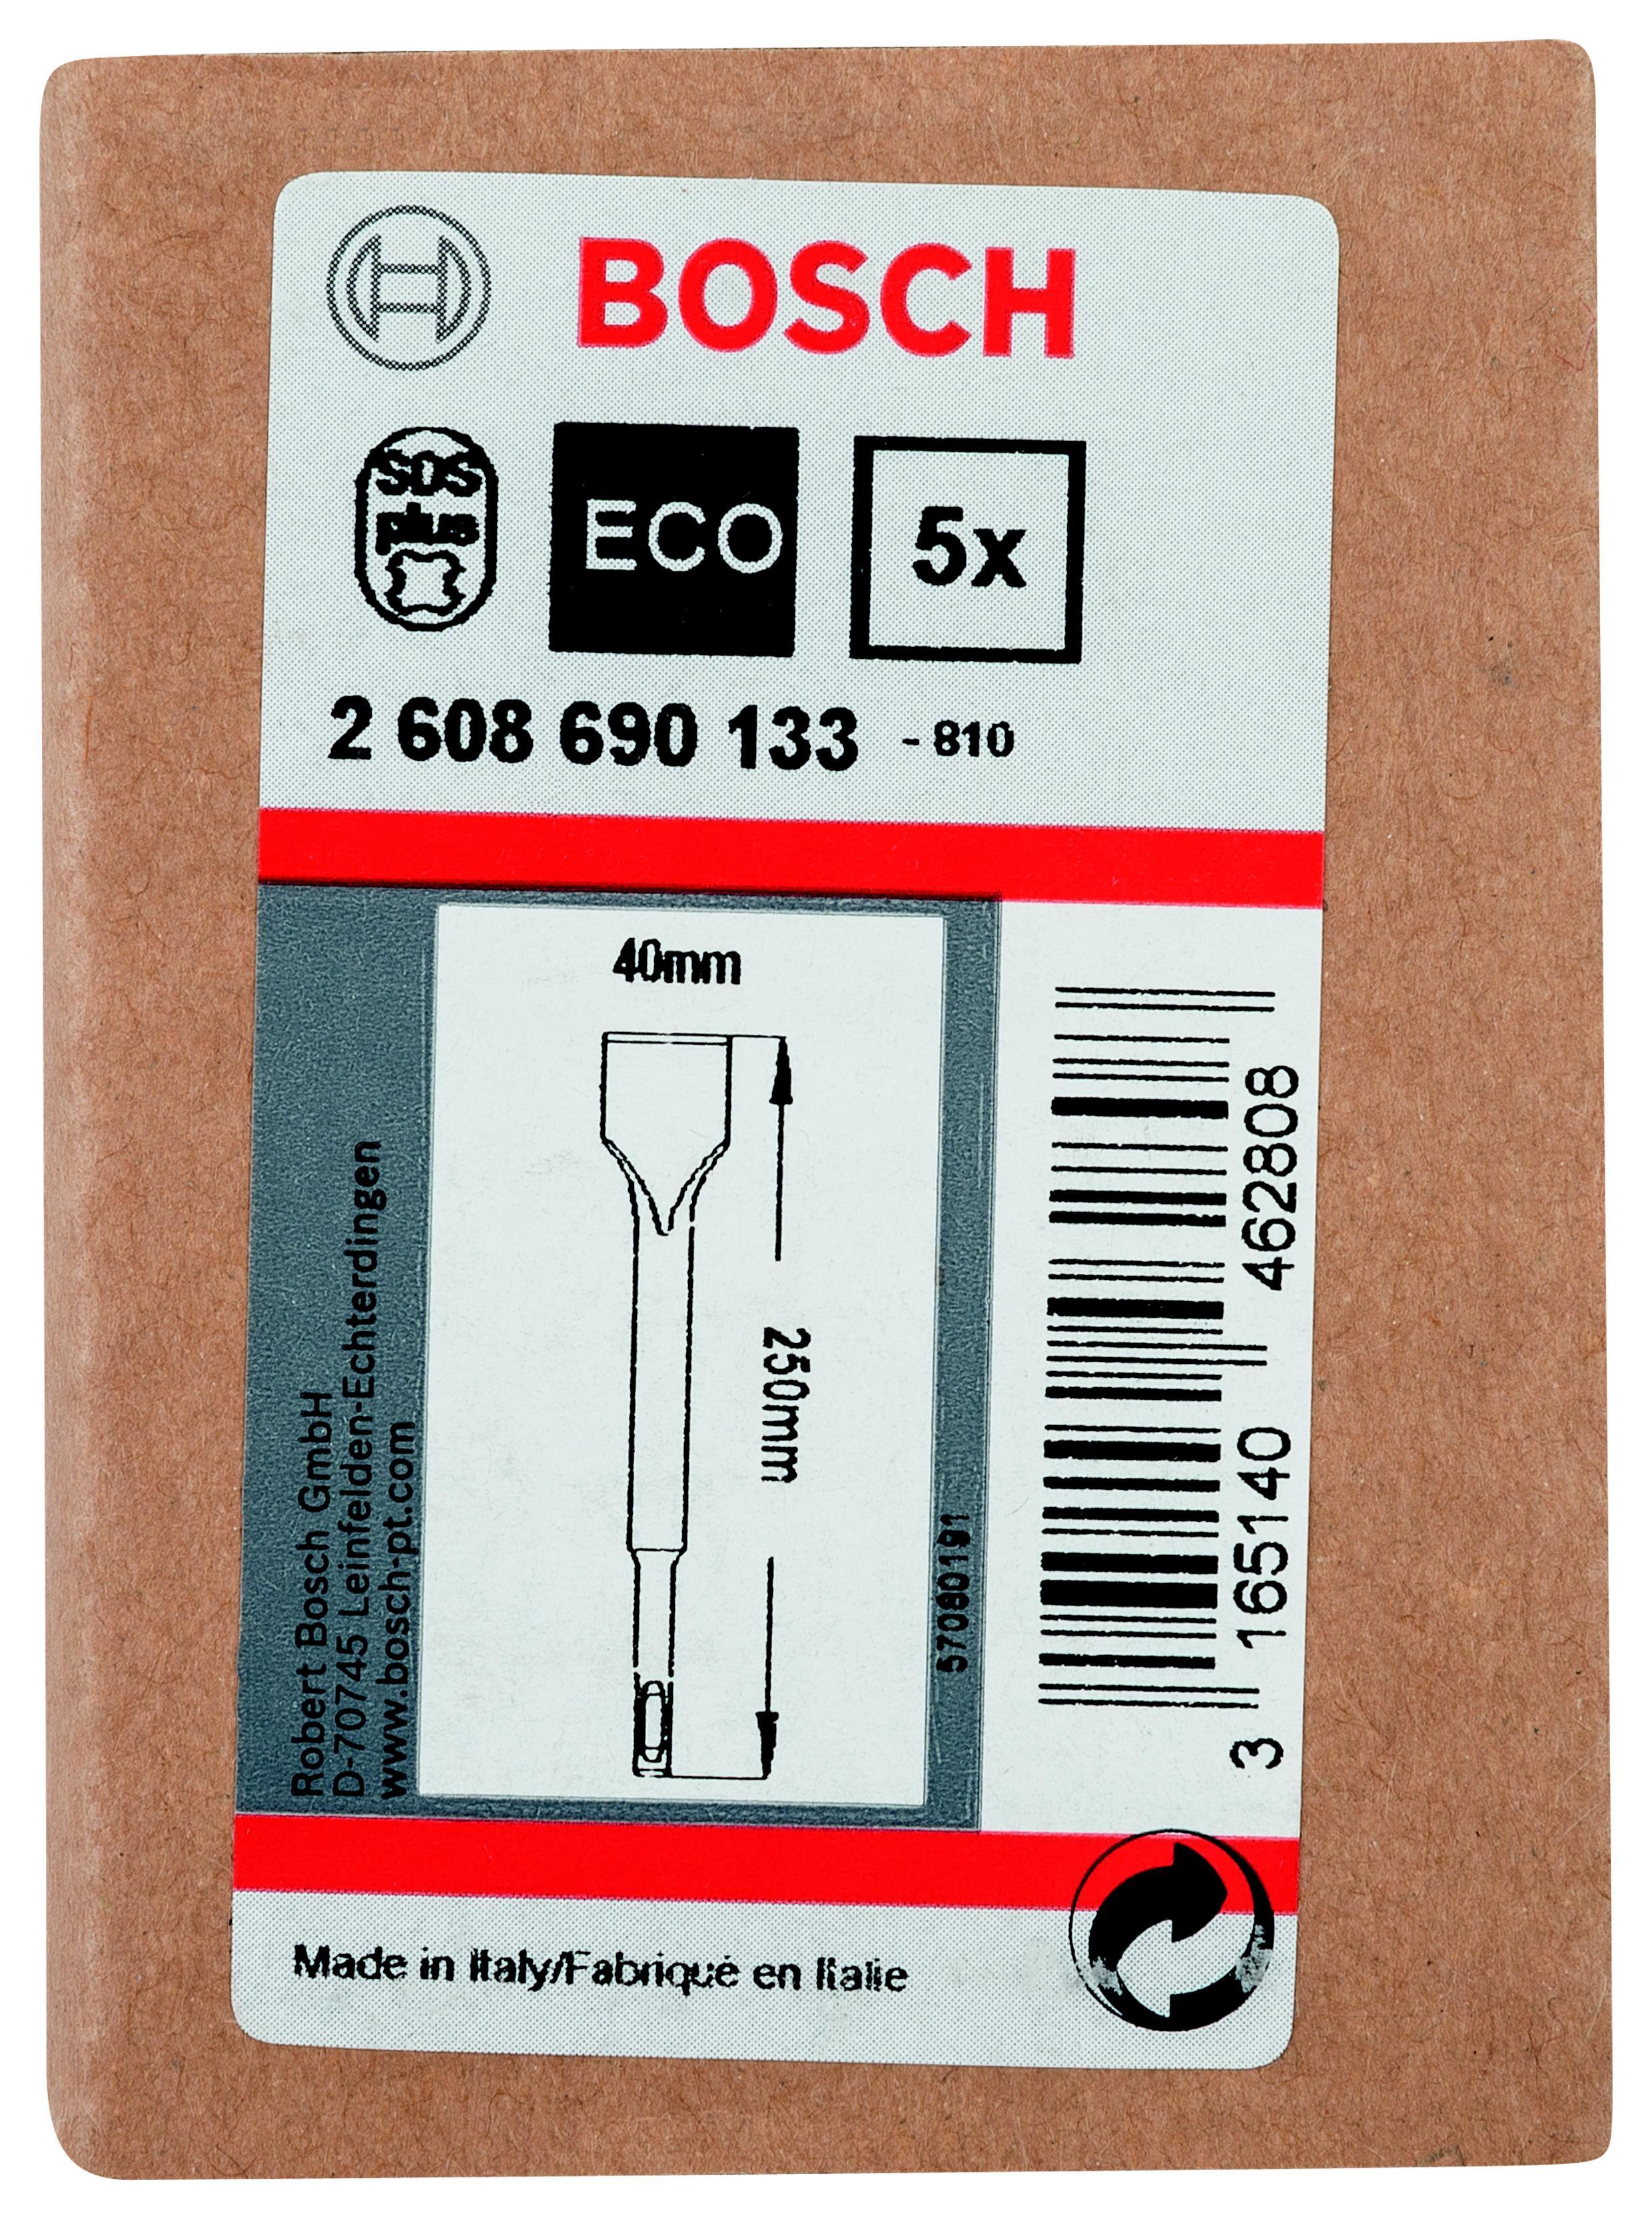 Зубило Bosch 250мм sds+ (2608690133)